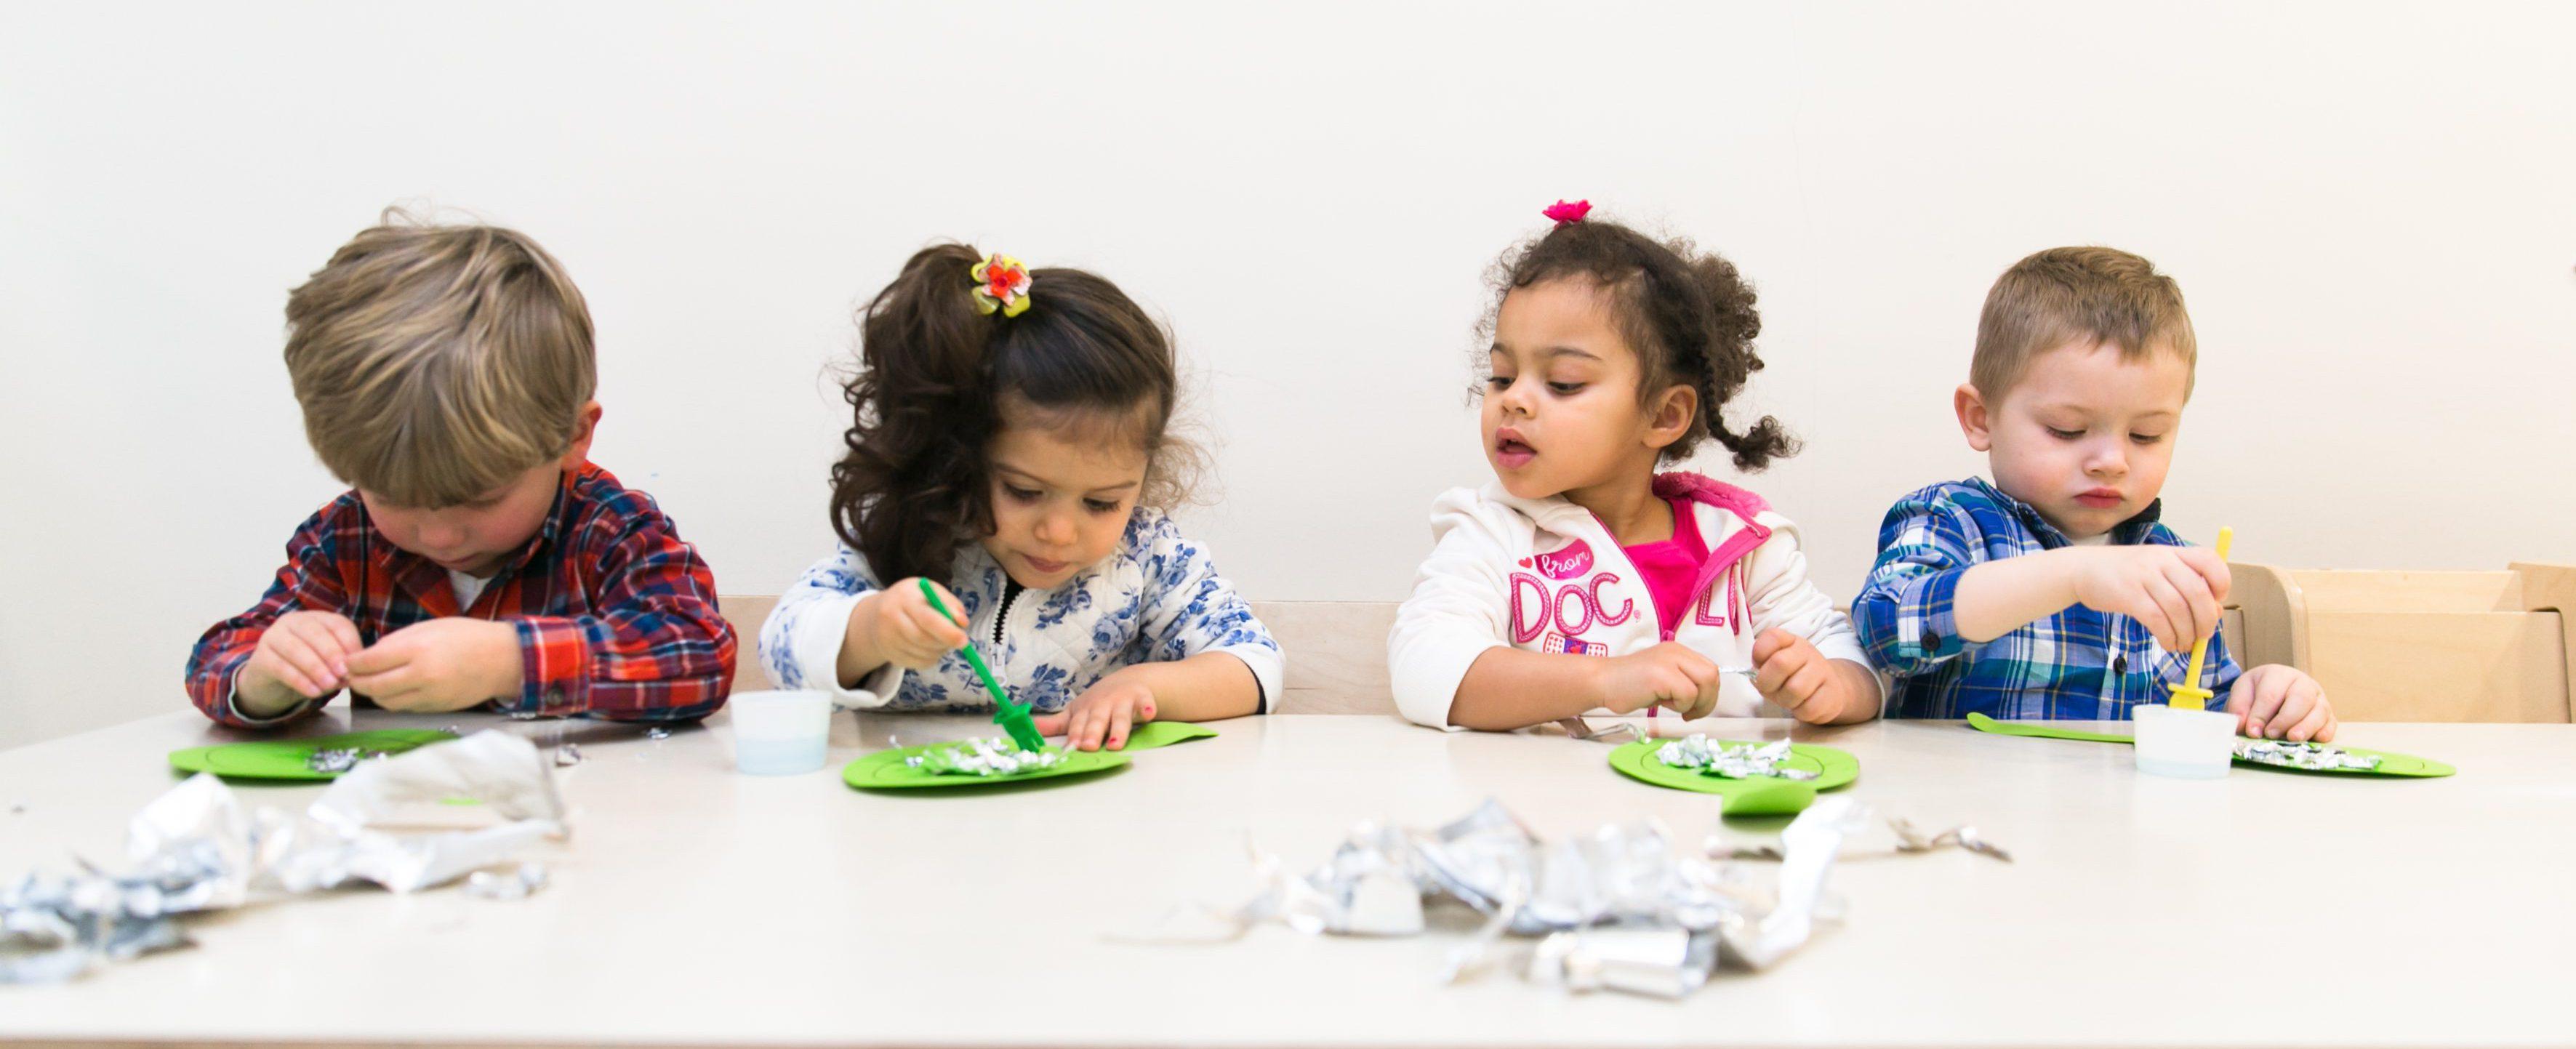 Vaak Binnenactiviteiten - Kinderopvang Engeltjes @DC67